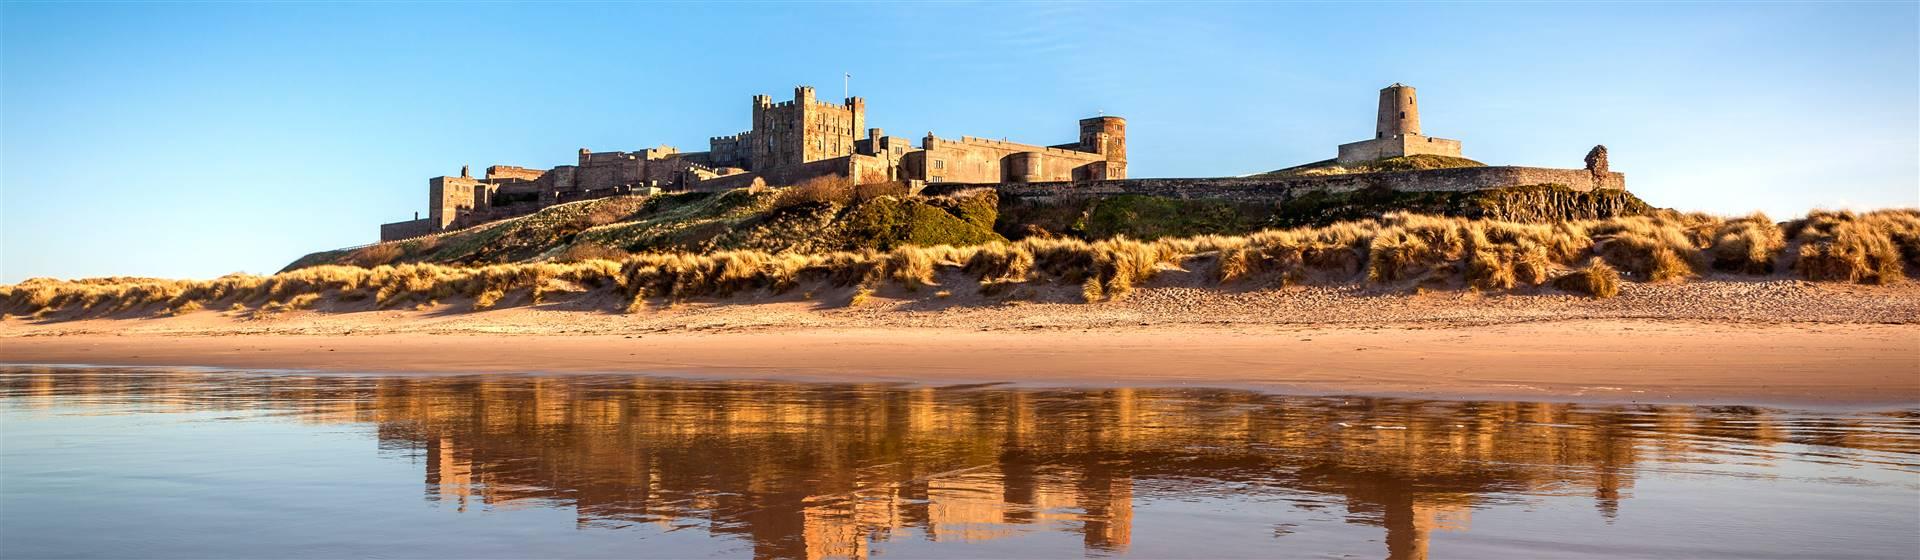 """<img src=""""bamburgh_castle2©shutterstock.jpeg"""" alt=""""Bamburgh Castle""""/>"""